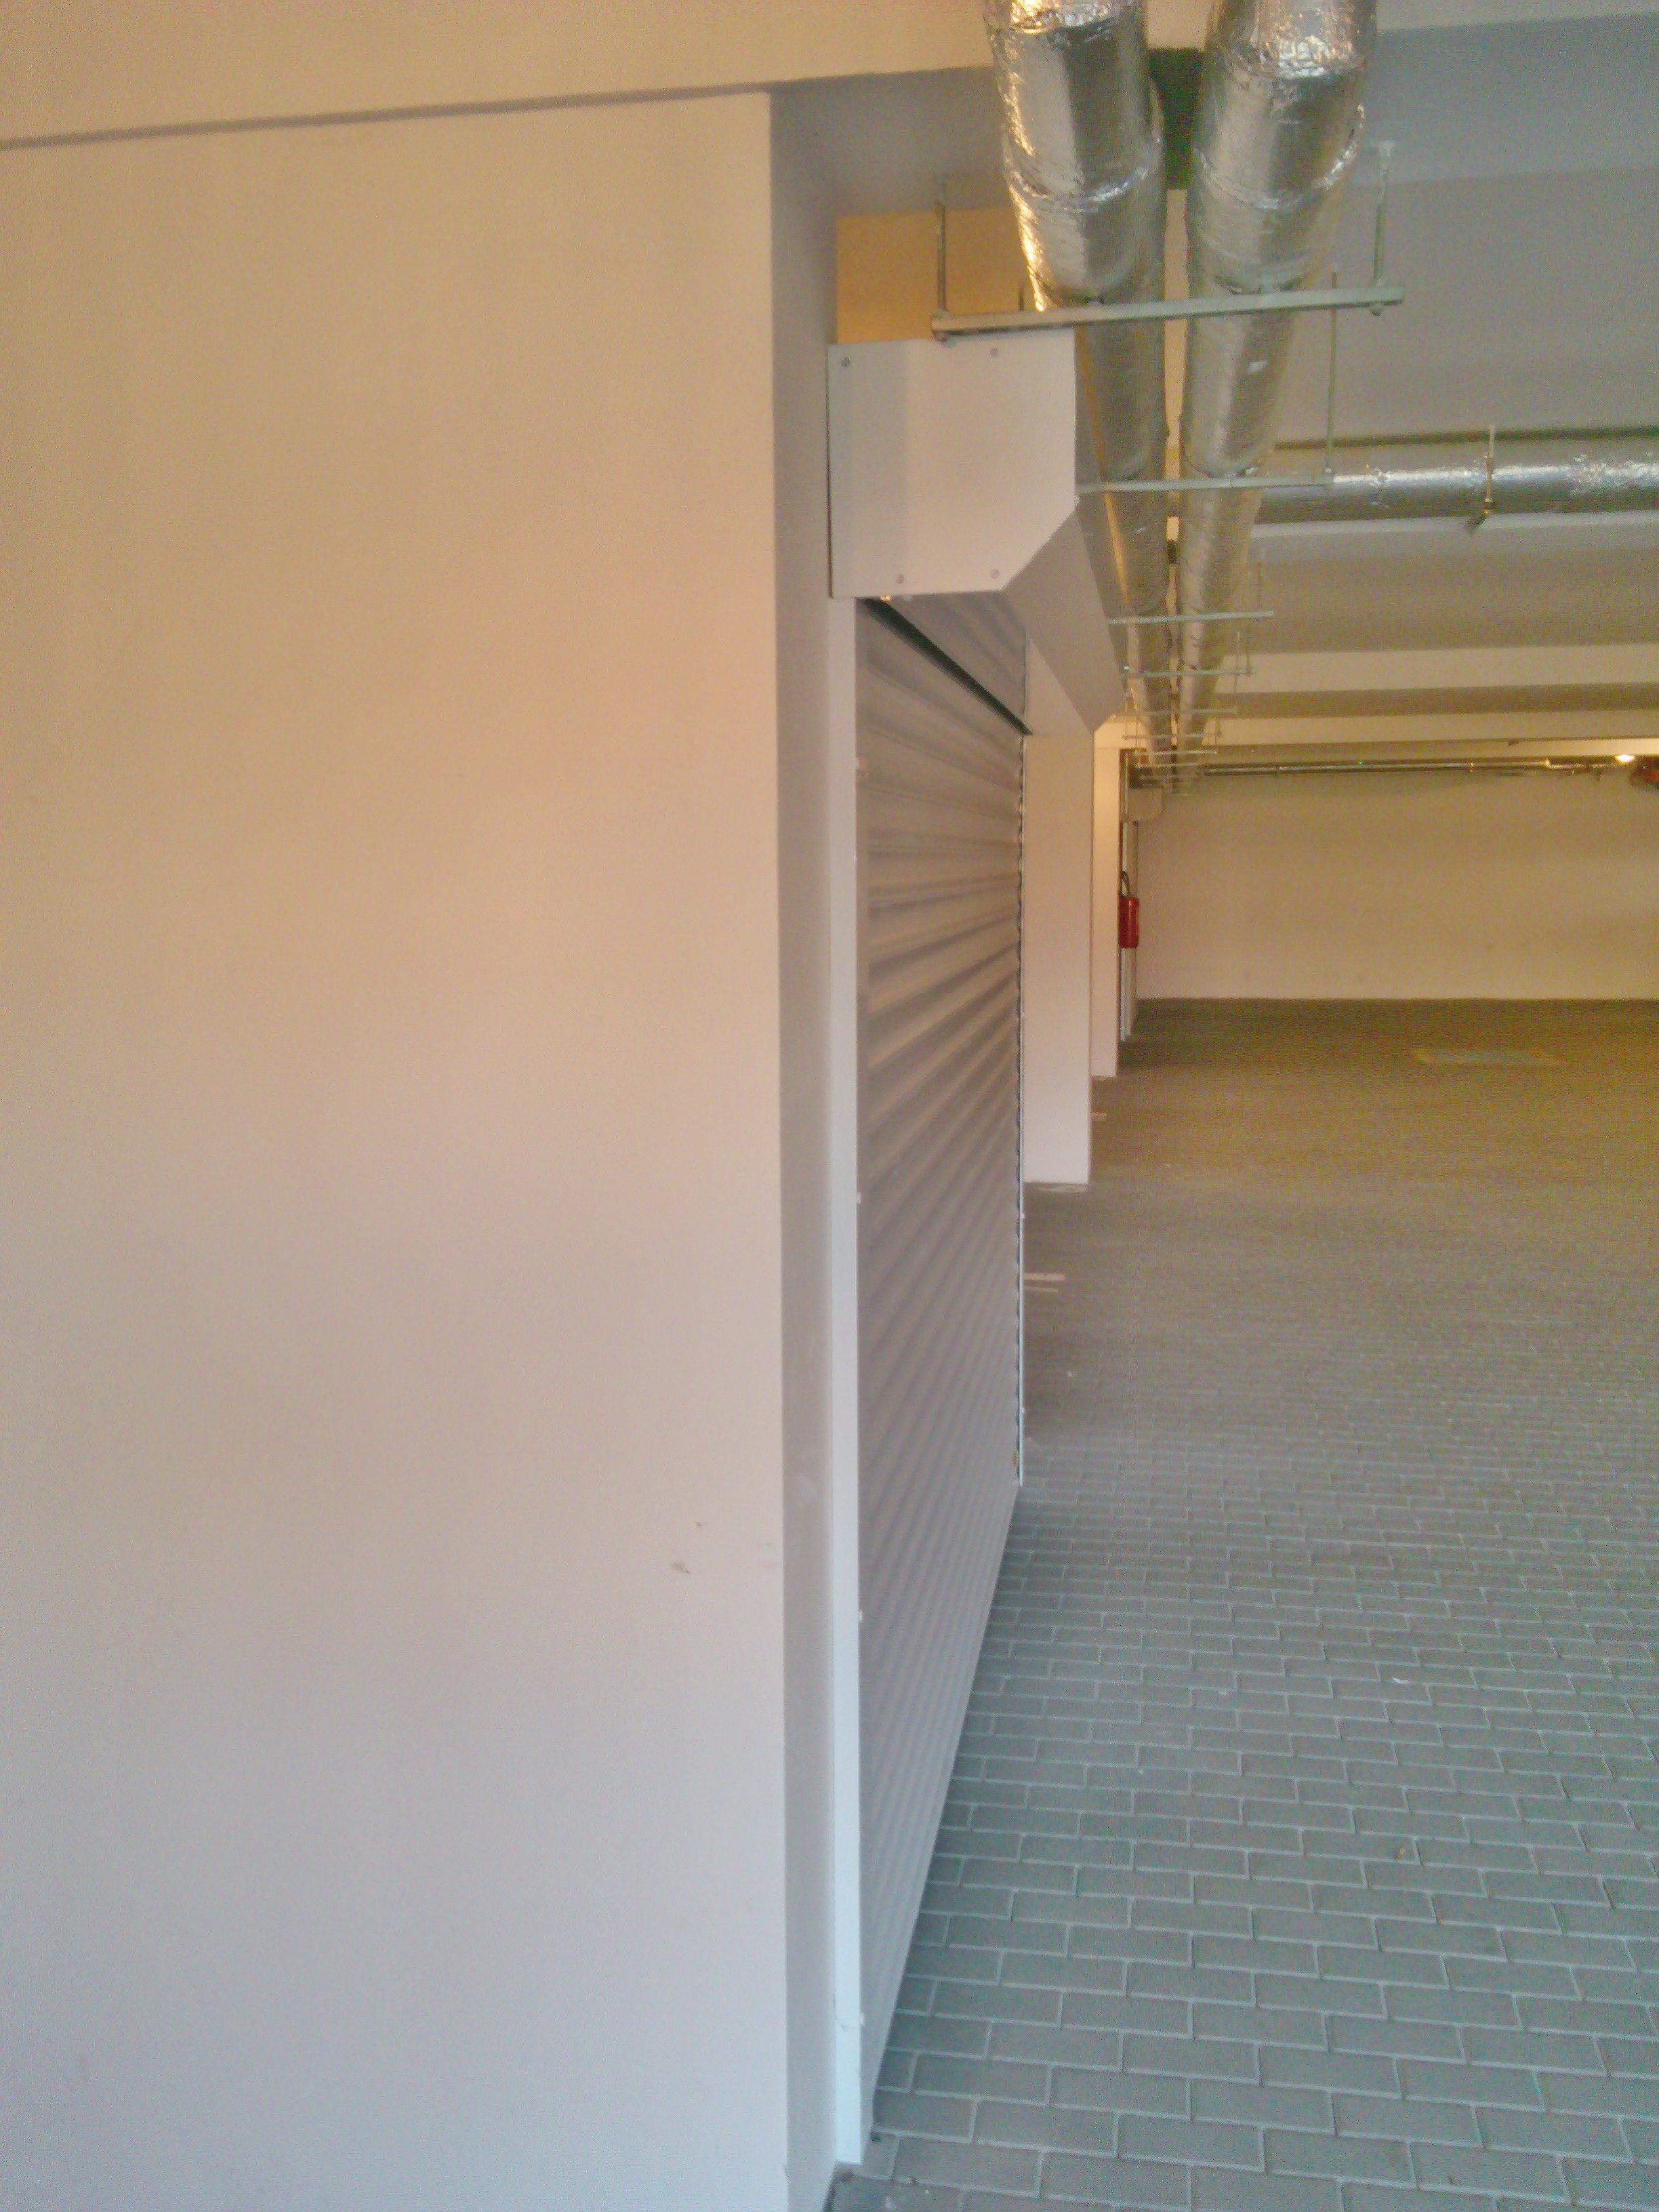 Garážová rolovací vrata BR-77E šířka 230cm ODSTÍN: ZLATÝ DUB, OTVOR VÝŠKA: 200cm